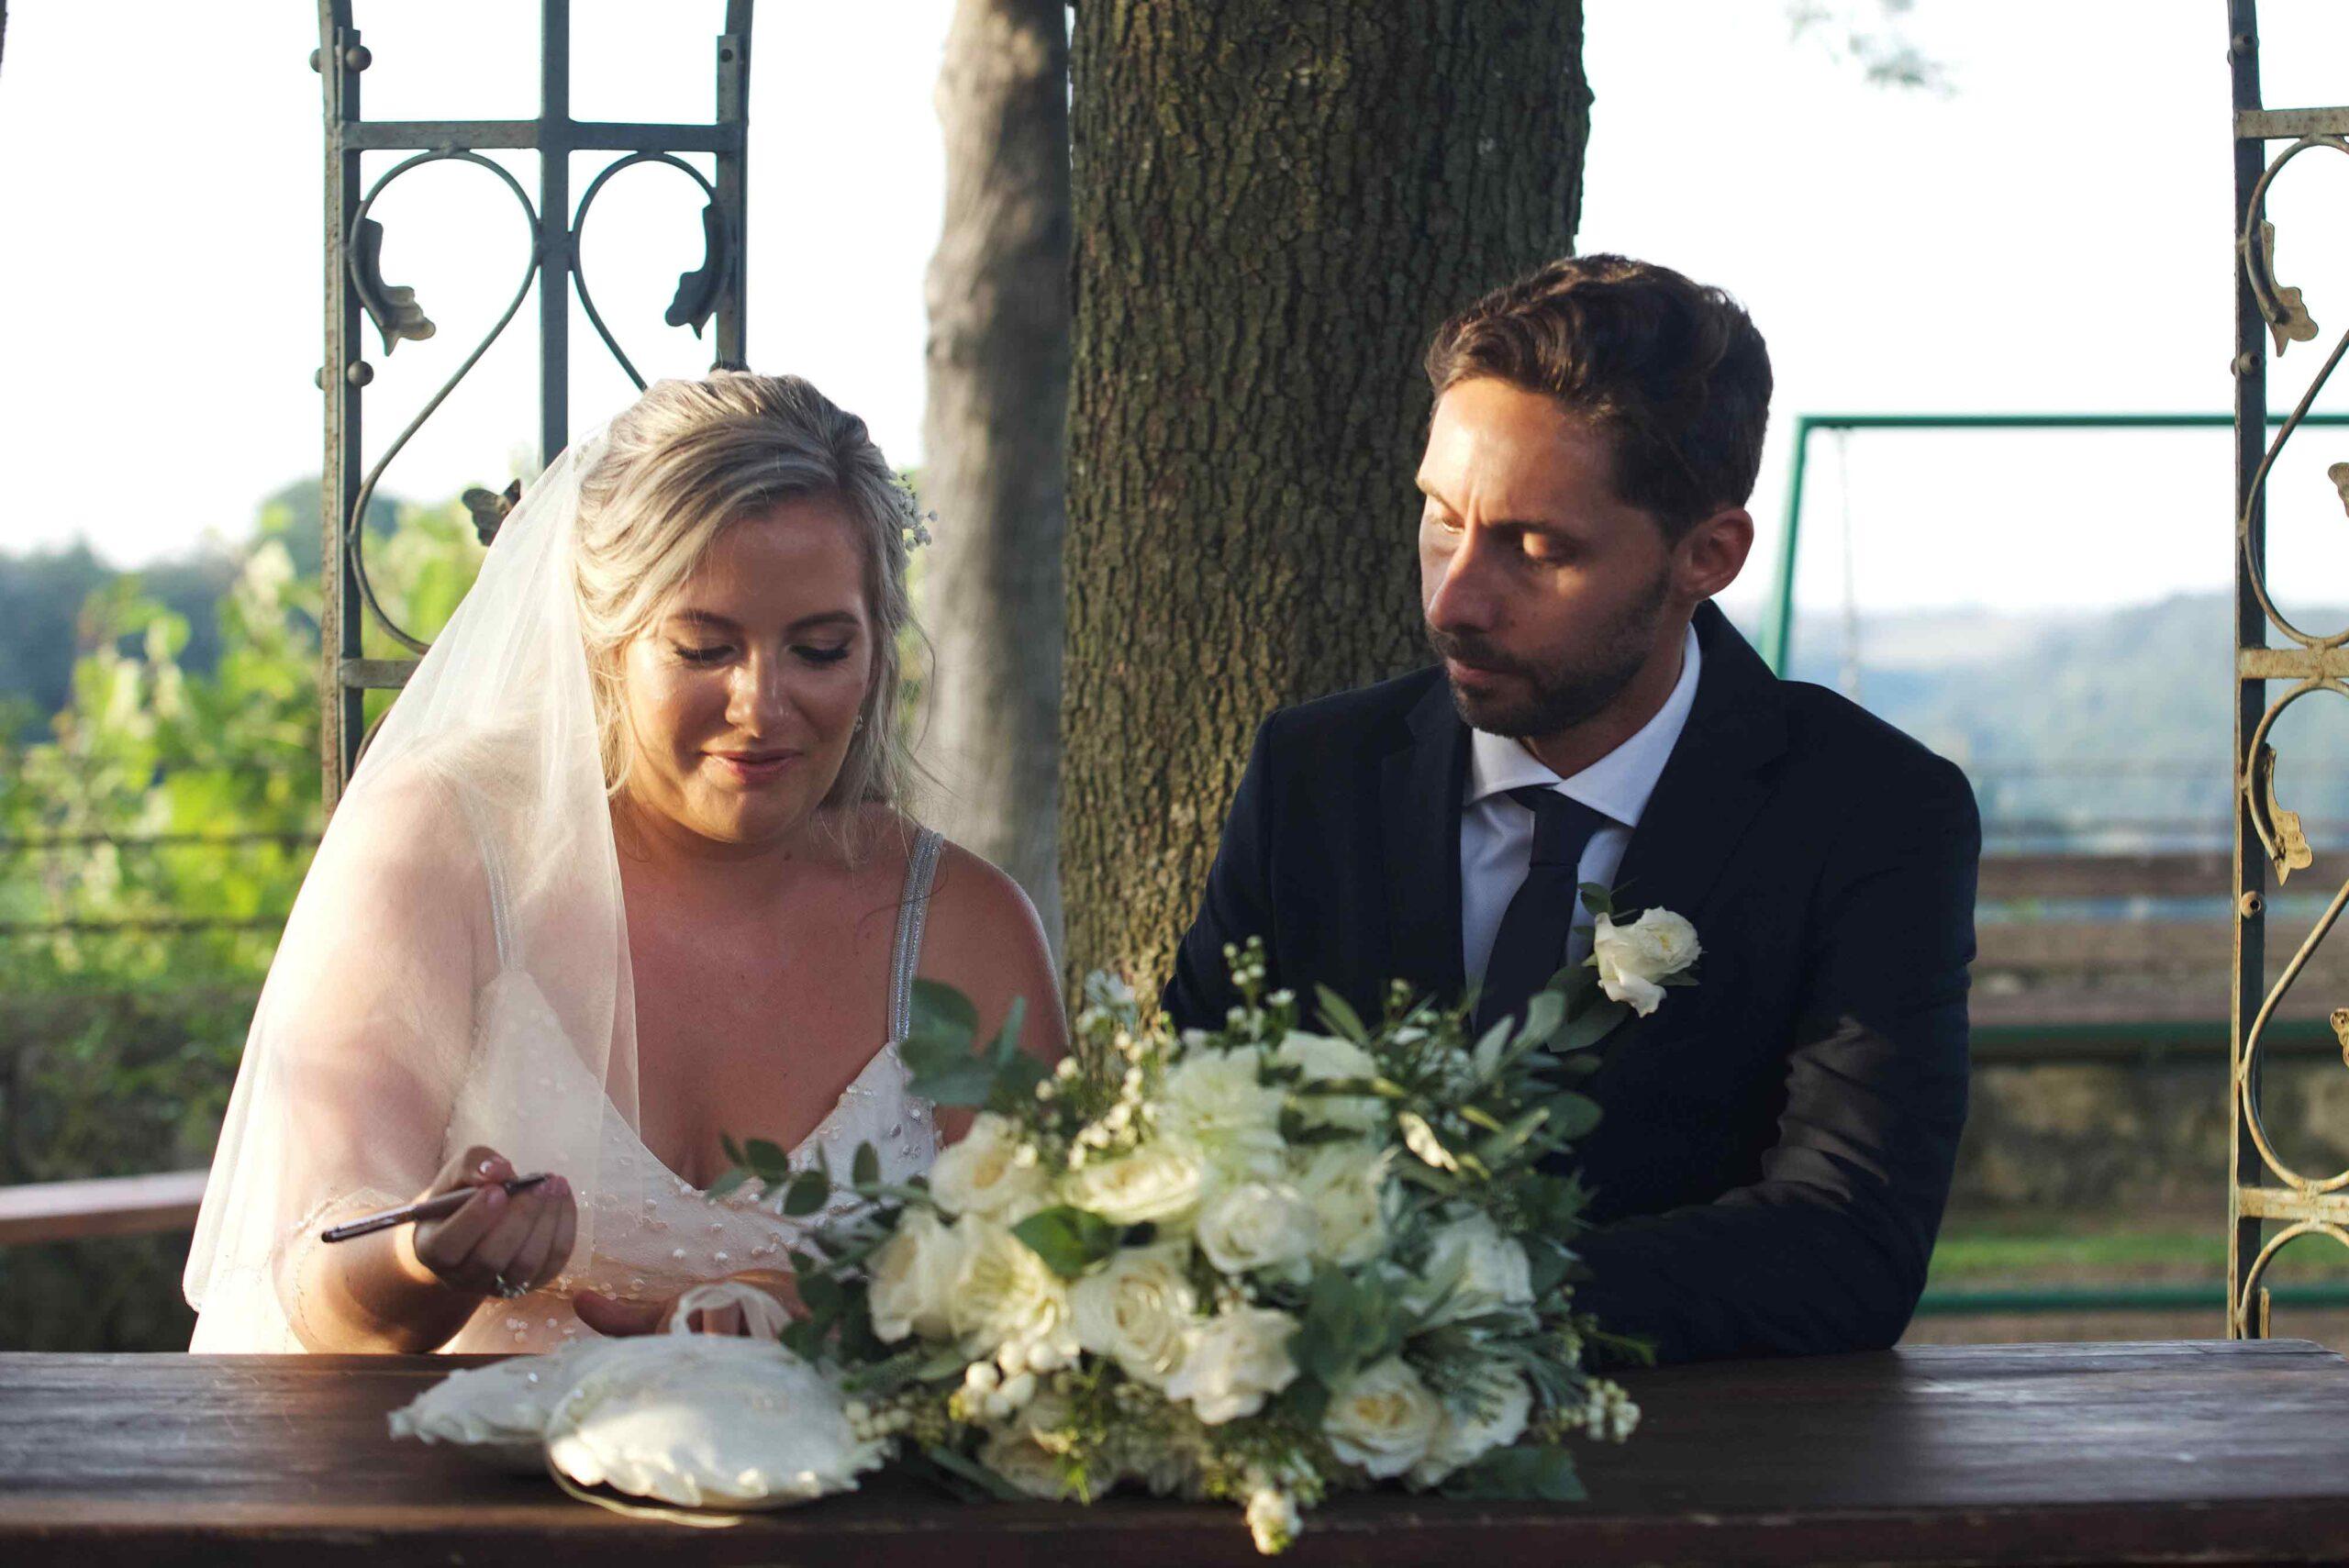 40 - Matrimonio a Roma - Manuel e Carlie - Fabrizio Musolino Fotografo Reportage.jpg